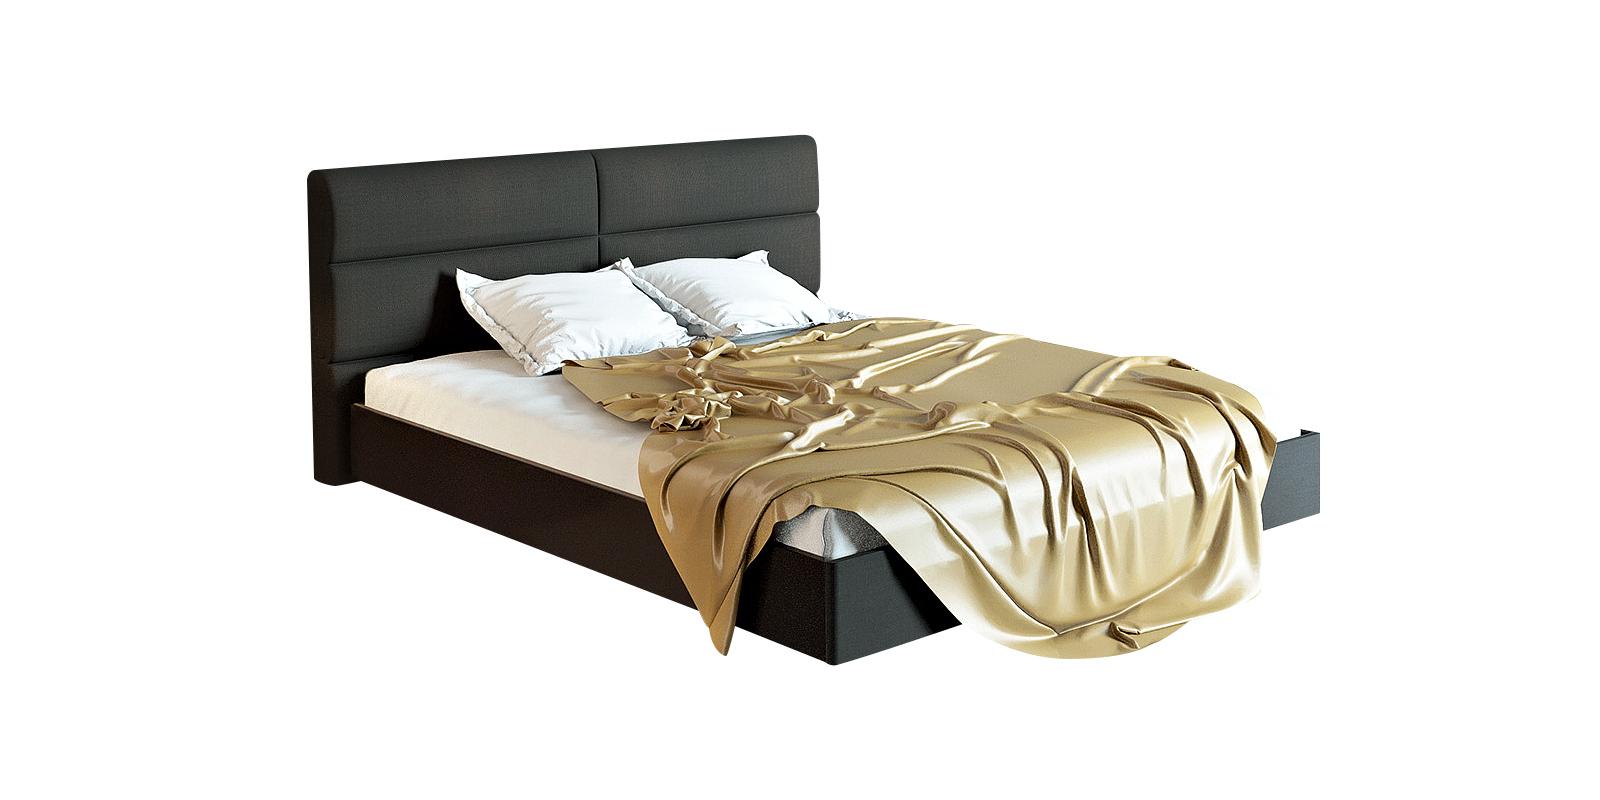 Кровать каркасная 200х160 Сорренто вариант №2 без подъемного механизма (серый/темно-серый)